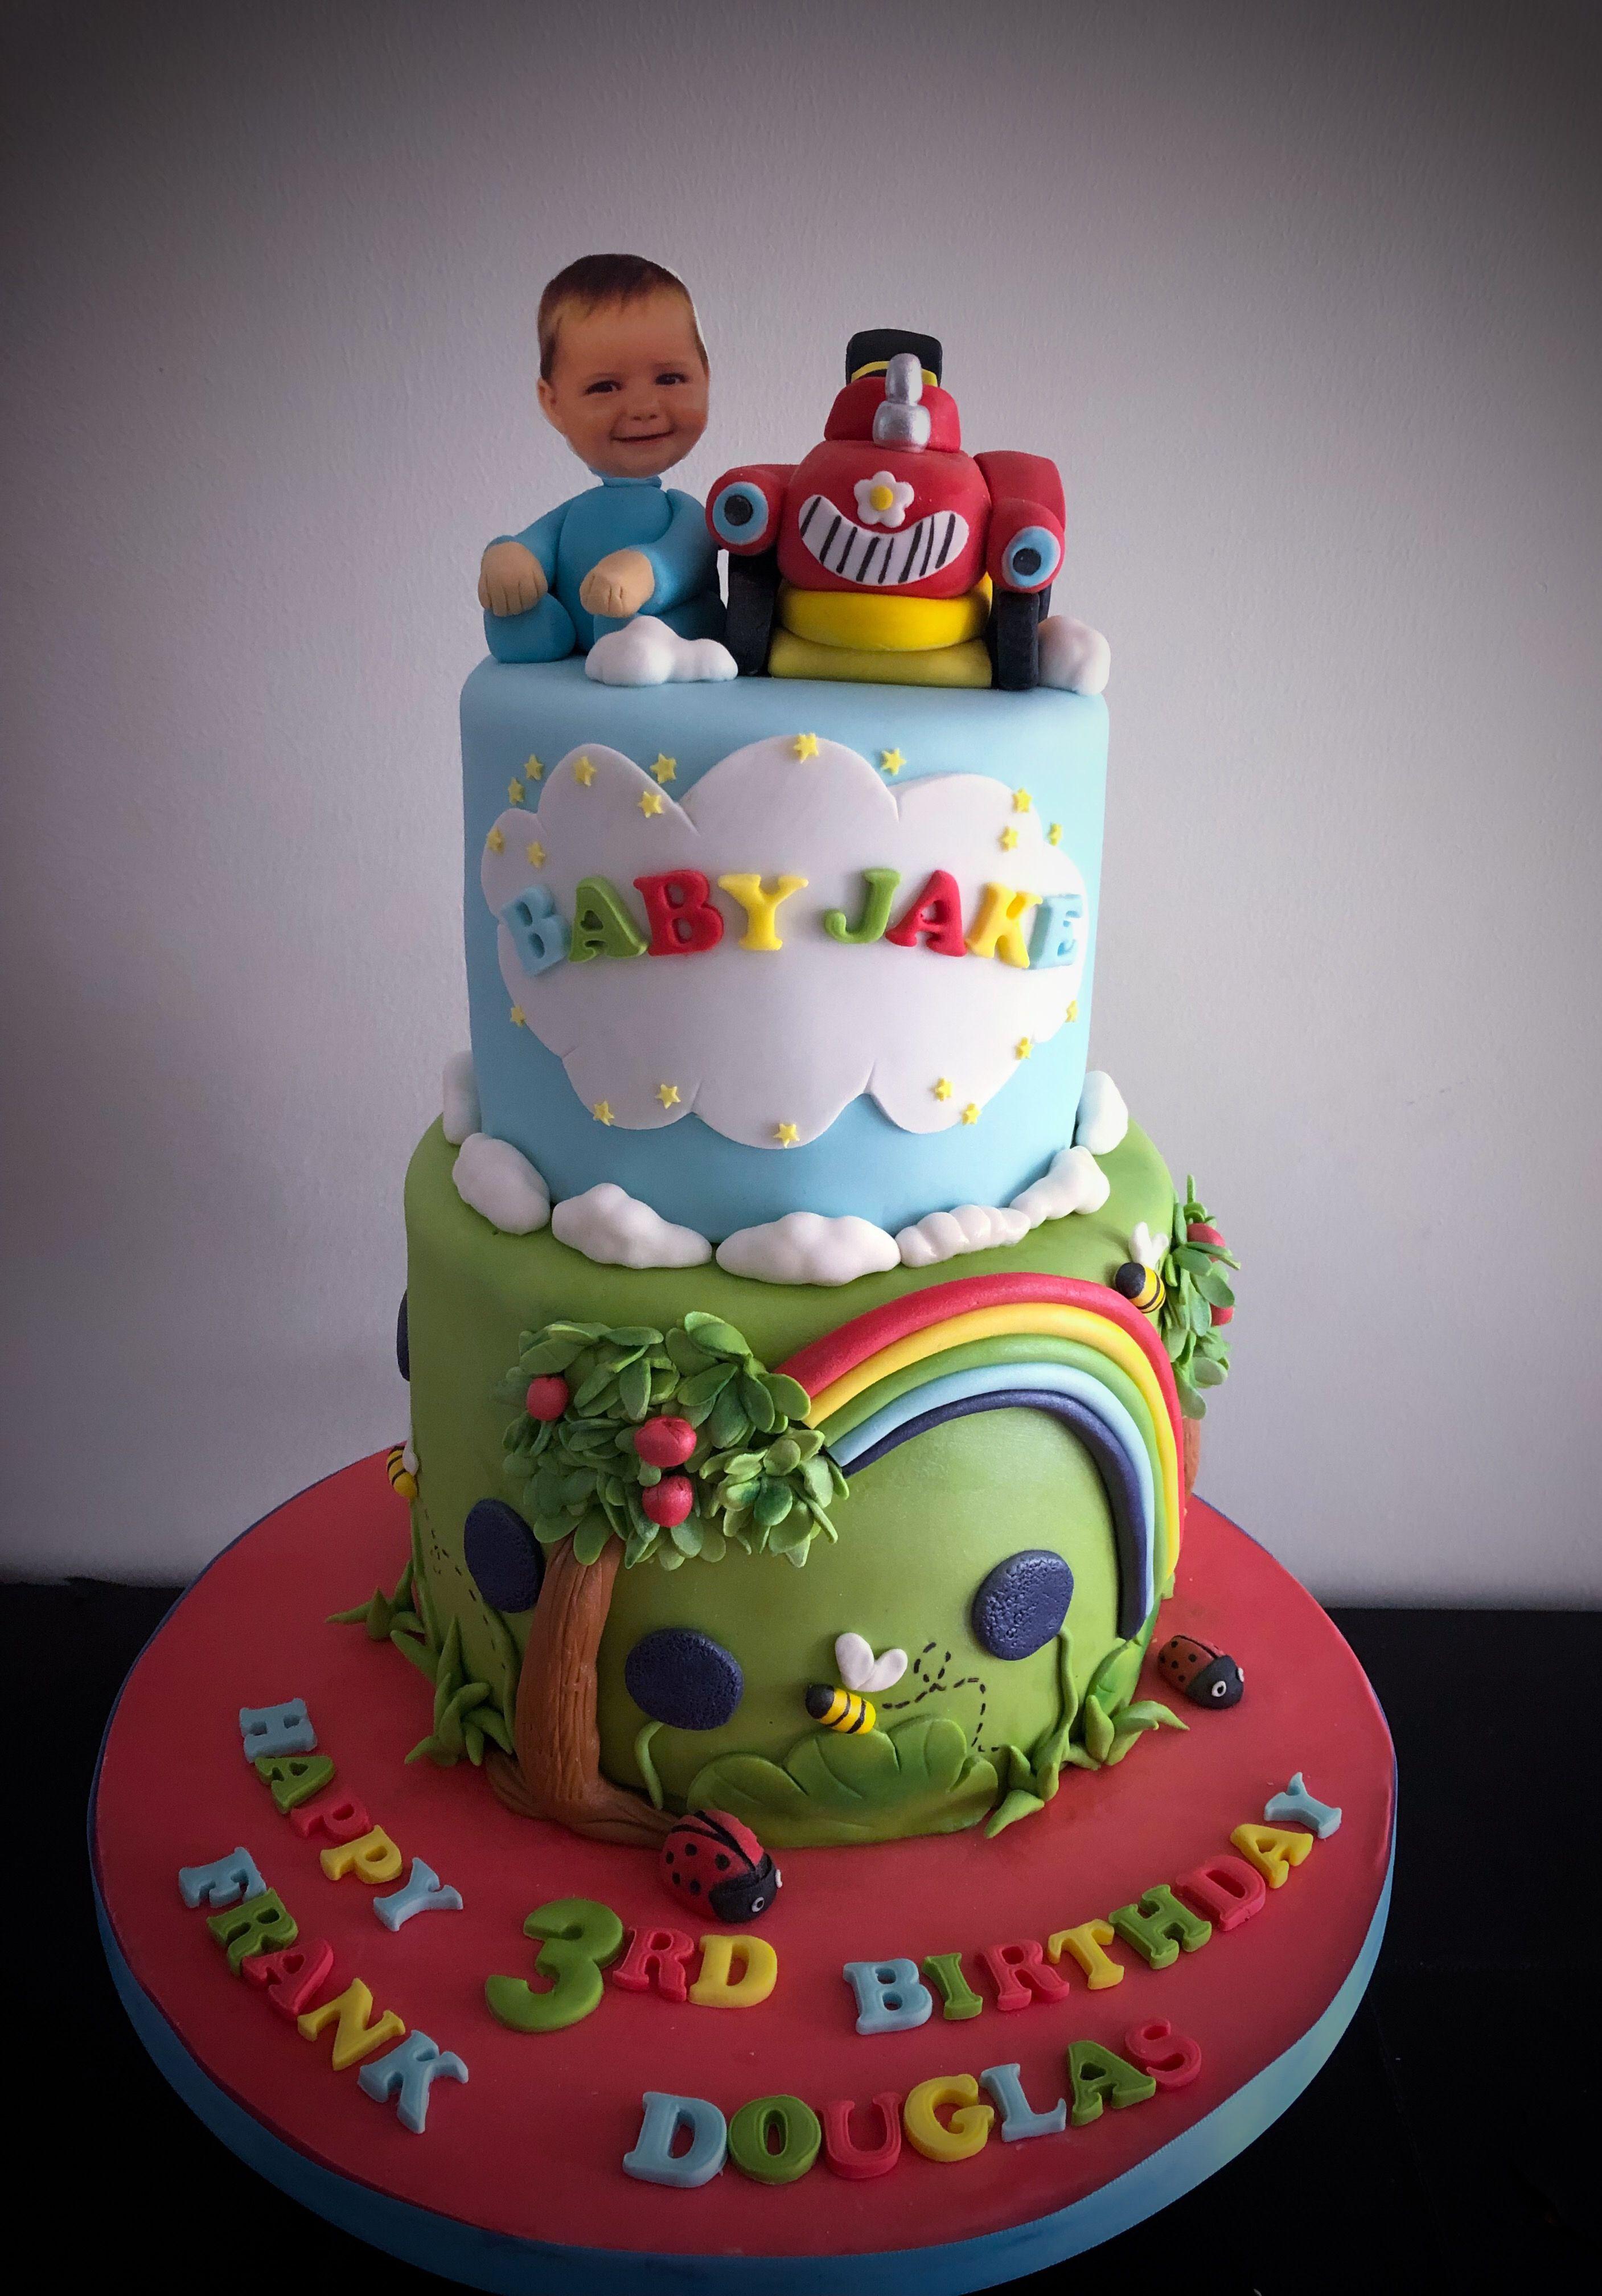 Baby Jake cakes | Jake cake, Cake, Cake designs